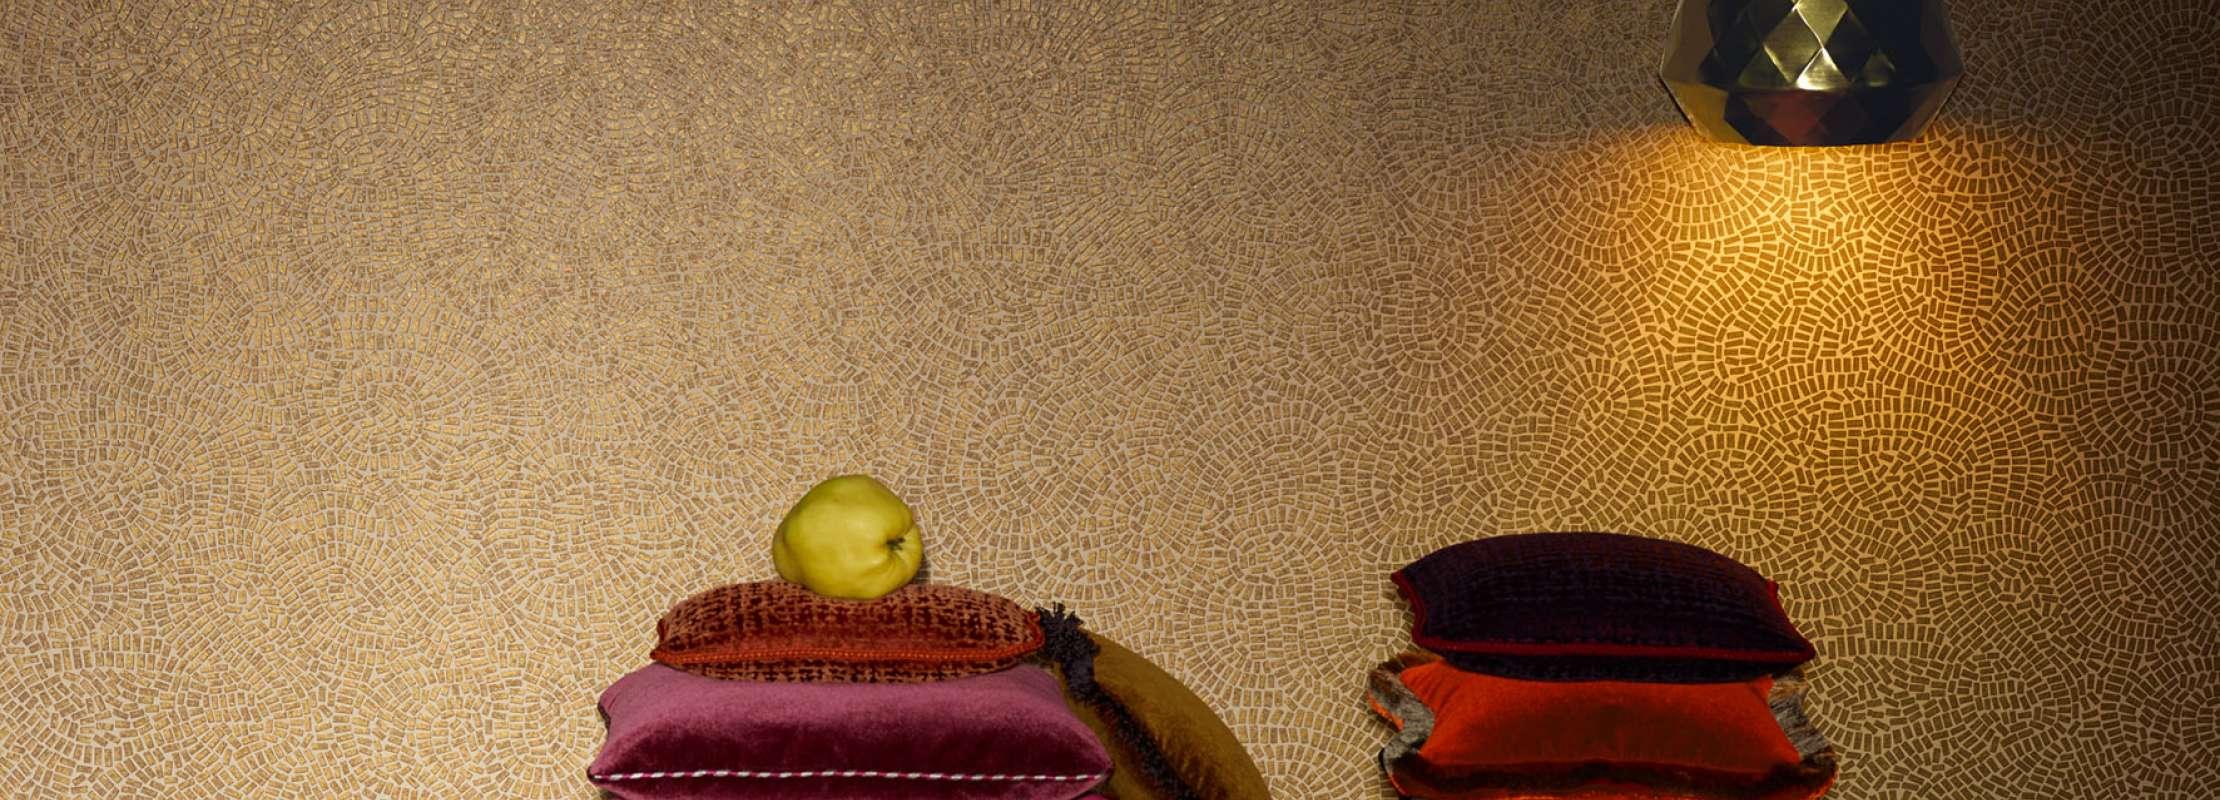 Teppiche, Tapeten, Textilien U2013 Das Revival Der Stoffe Im Wohnbereich